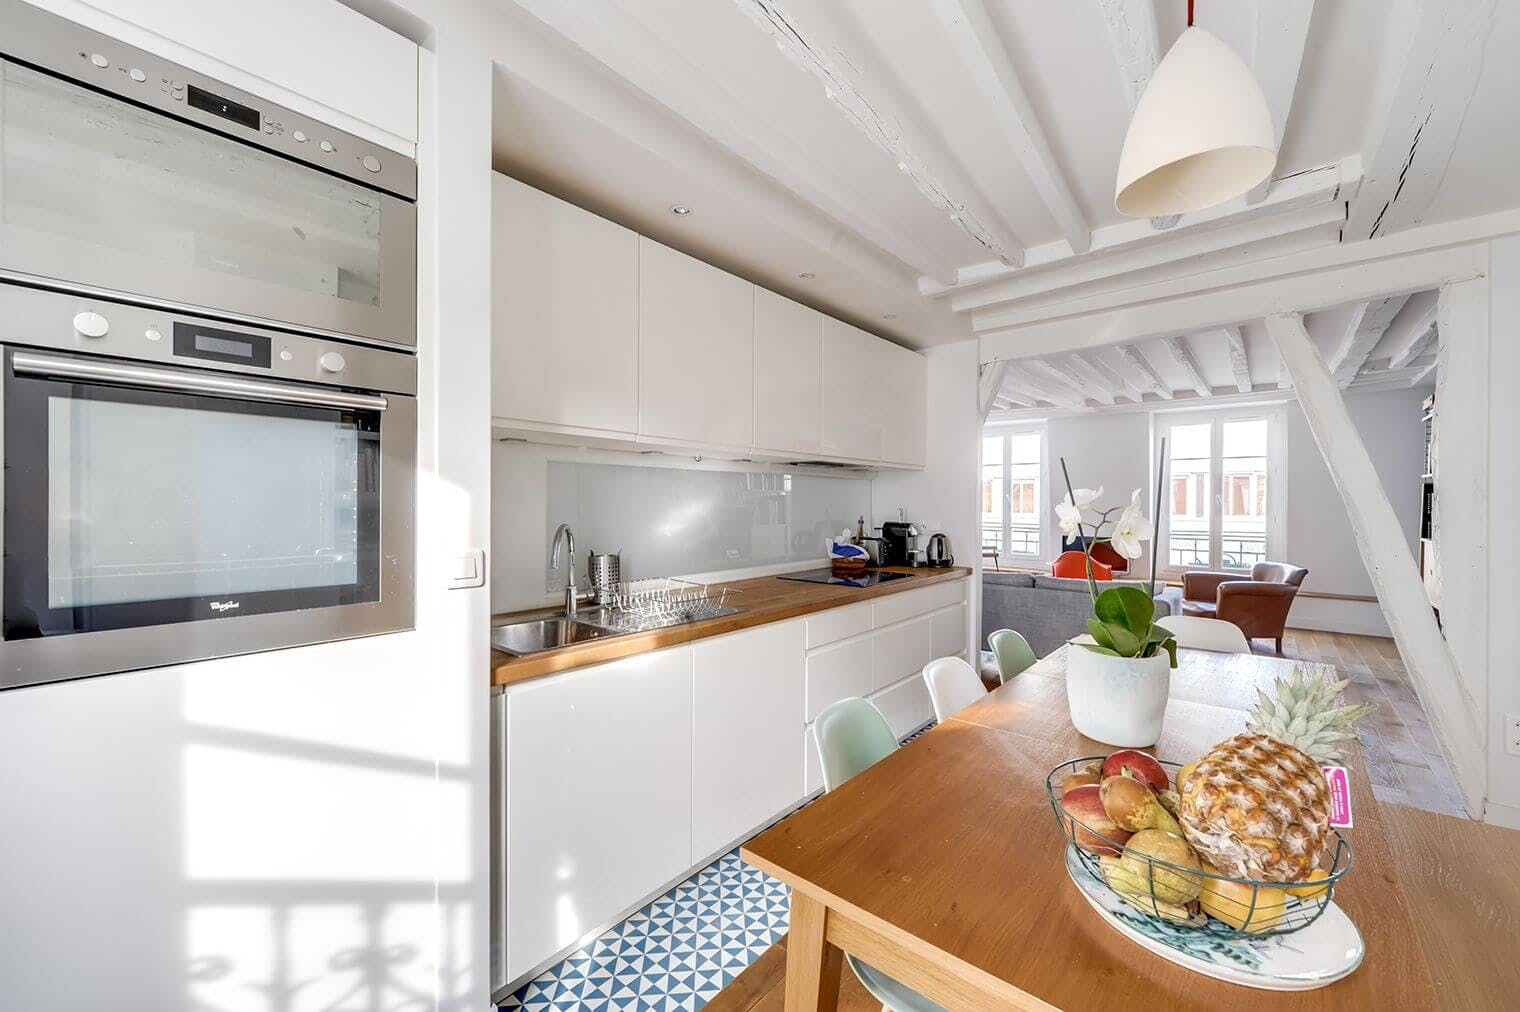 Cuisine ouverte et salon rénovés - charme ancien préservé